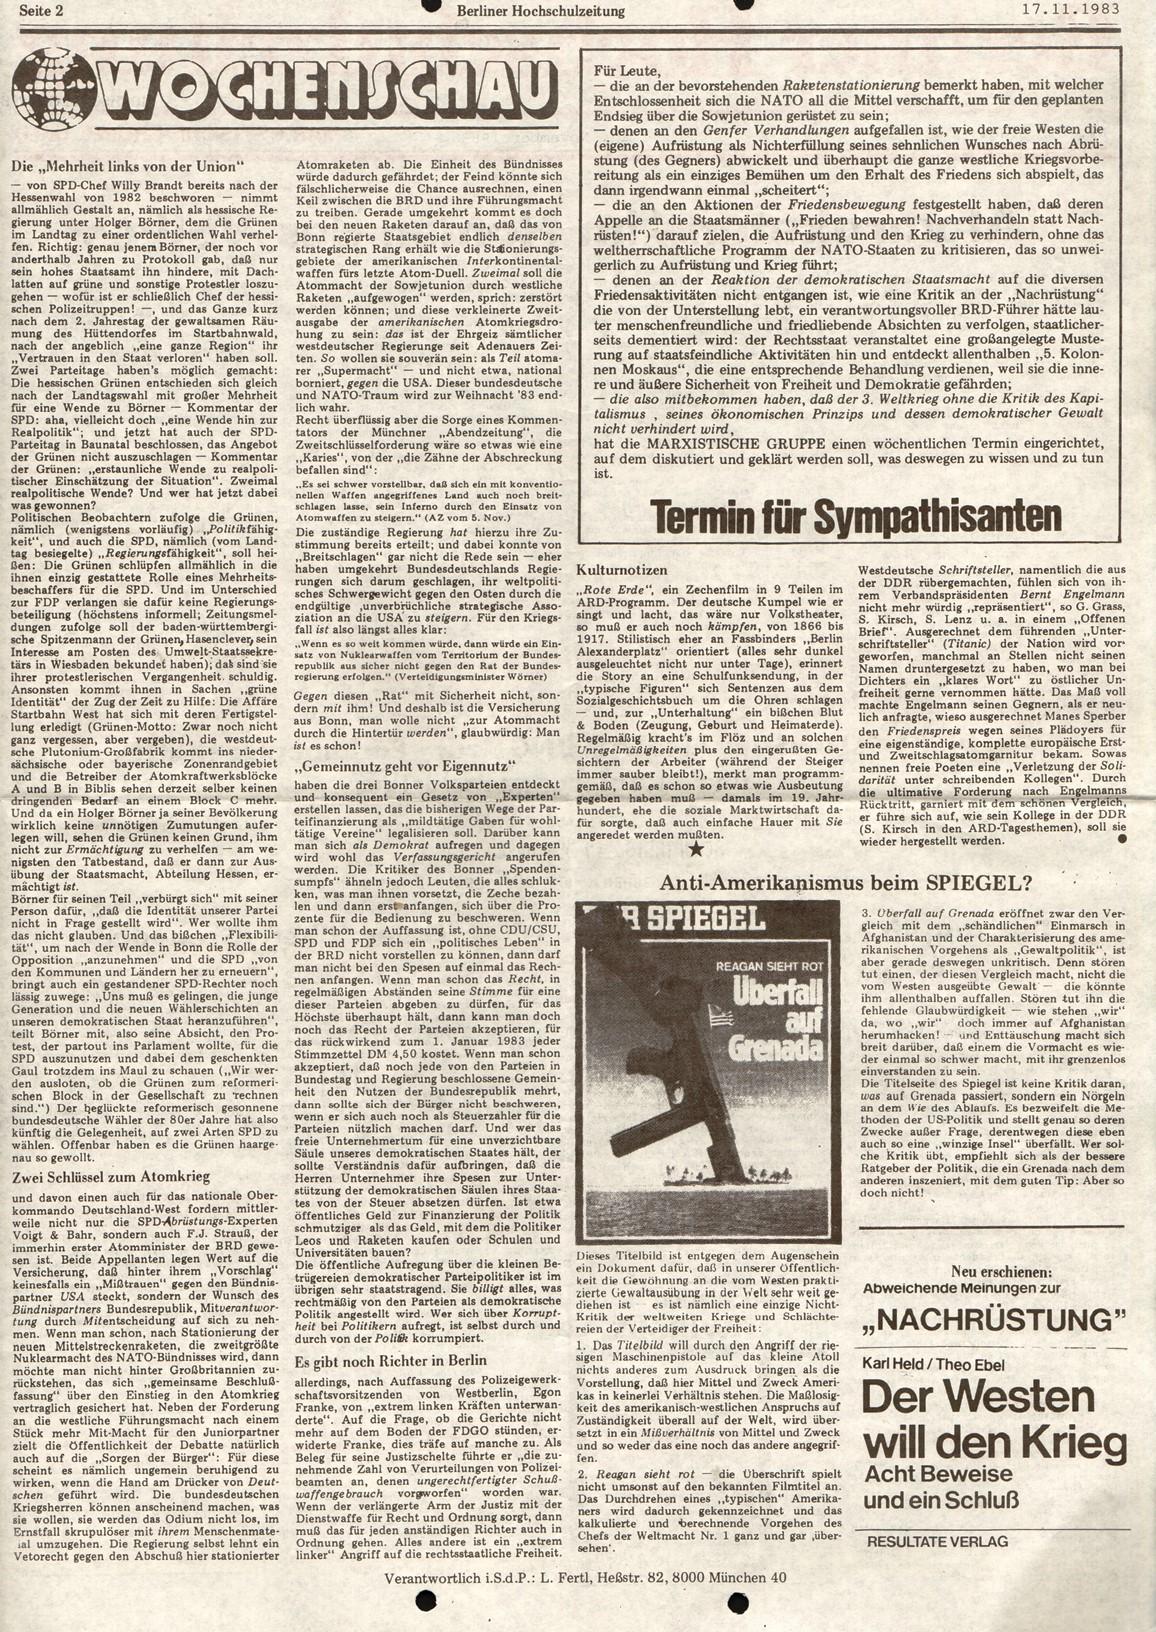 Berlin_MG_Hochschulzeitung_19831117_02